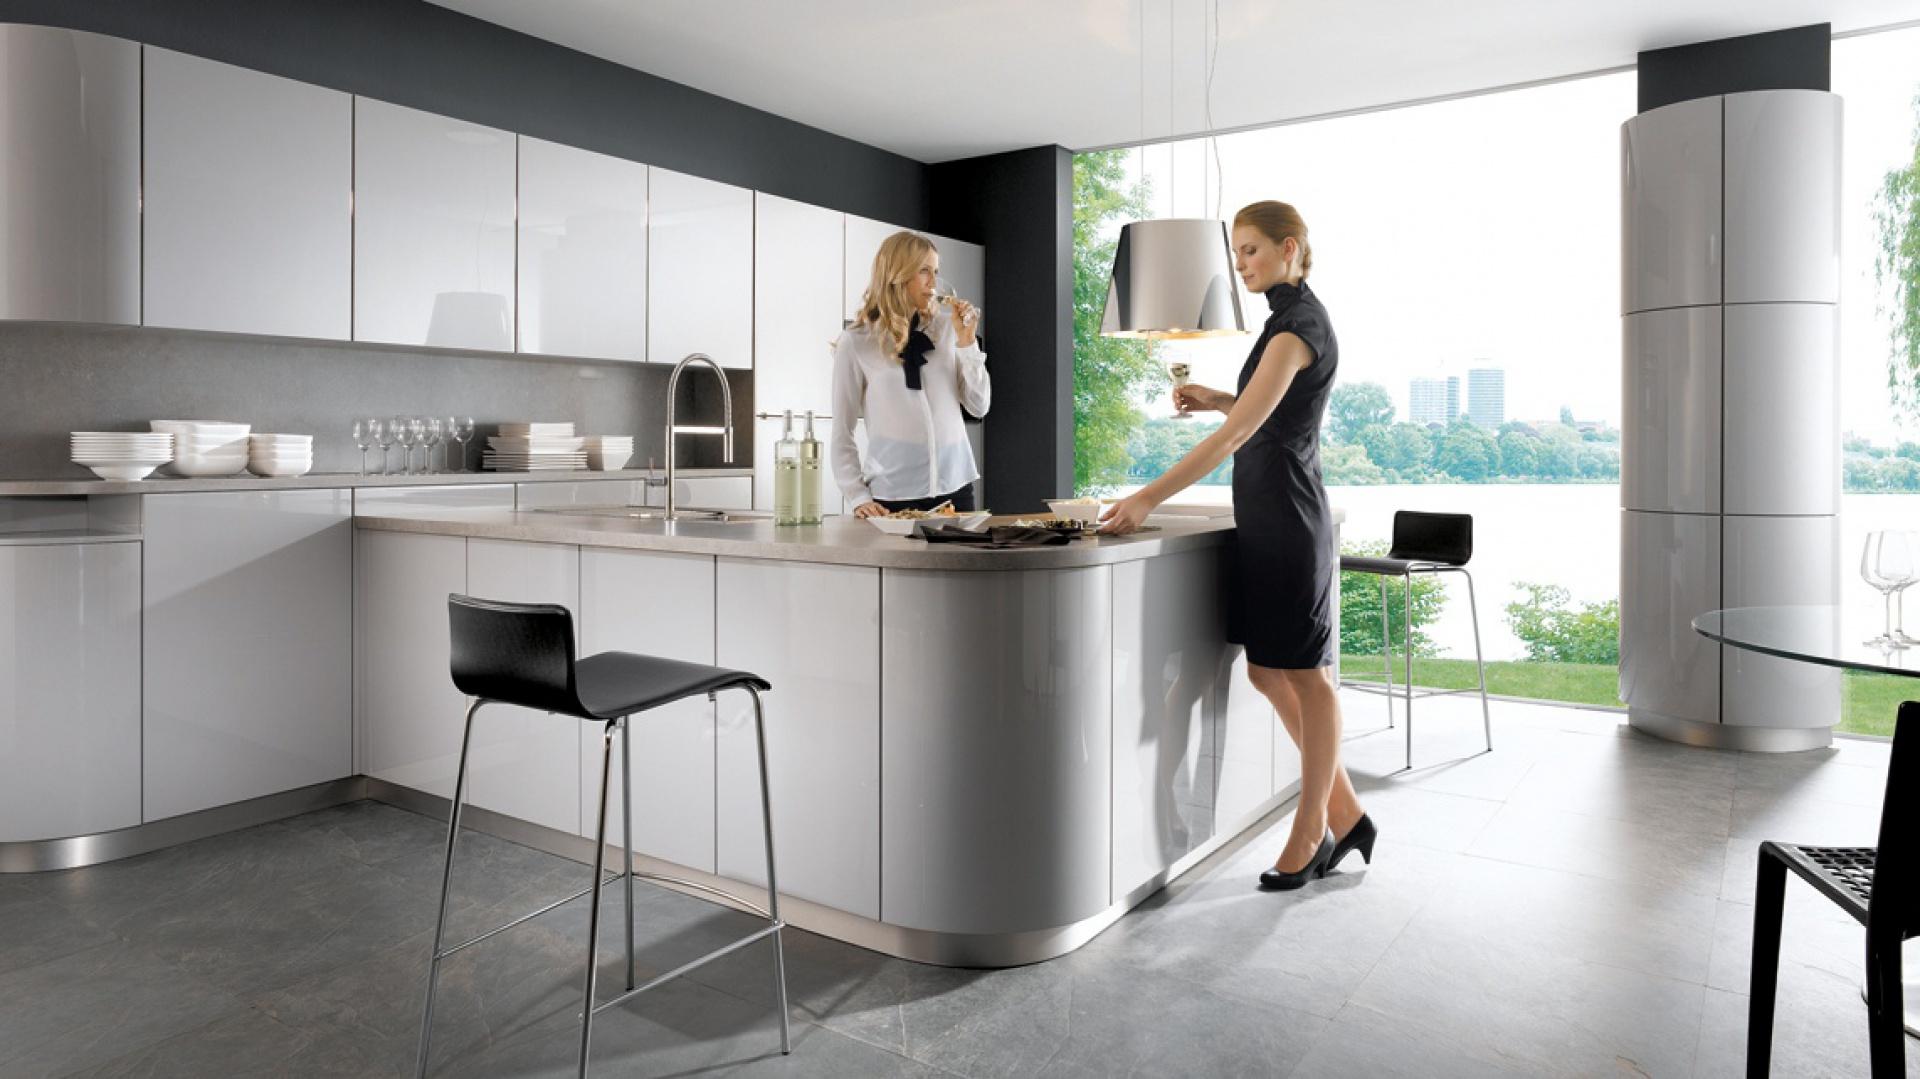 Meble z kolekcji Gala L236 firmy Schüller. Nowoczesny charakter kuchni podkreślają szare fronty lakierowane na wysoki połysk i otwierane bezuchwytowo. Szare są również kamienne blaty. Ogromne przeszklenia pozwalają cieszyć się widokiem za oknem z każdego miejsca w kuchni.